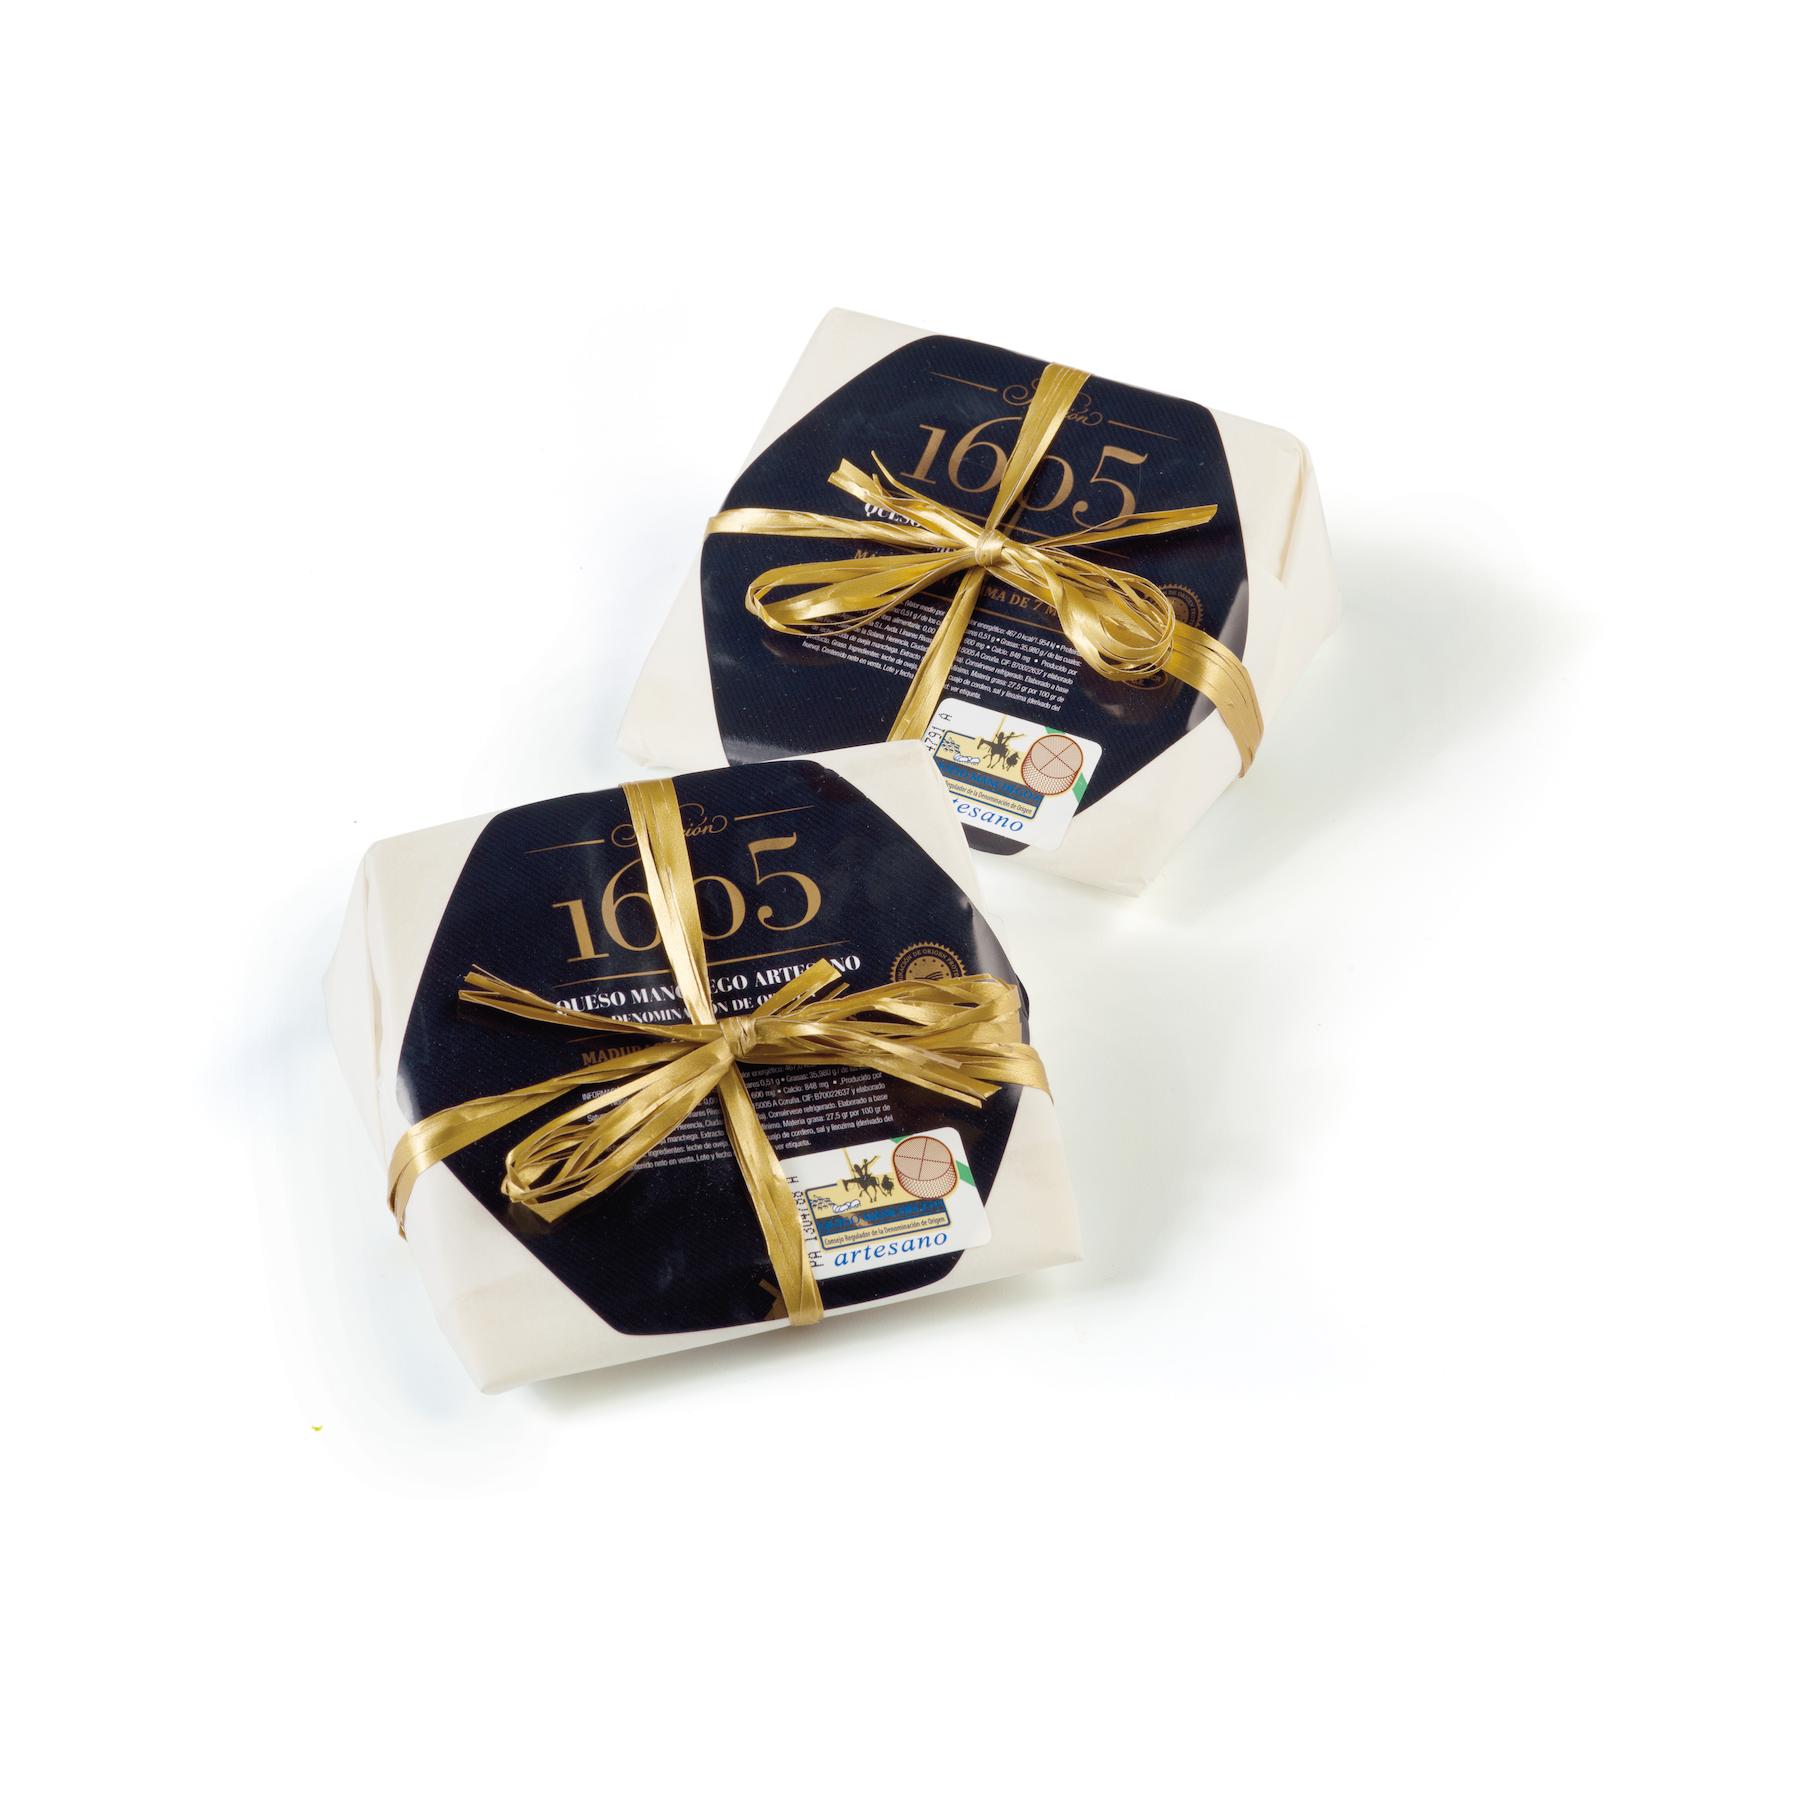 Quesería 1605 se sitúa en la élite mundial del queso en los World Cheese Awards 2017 6